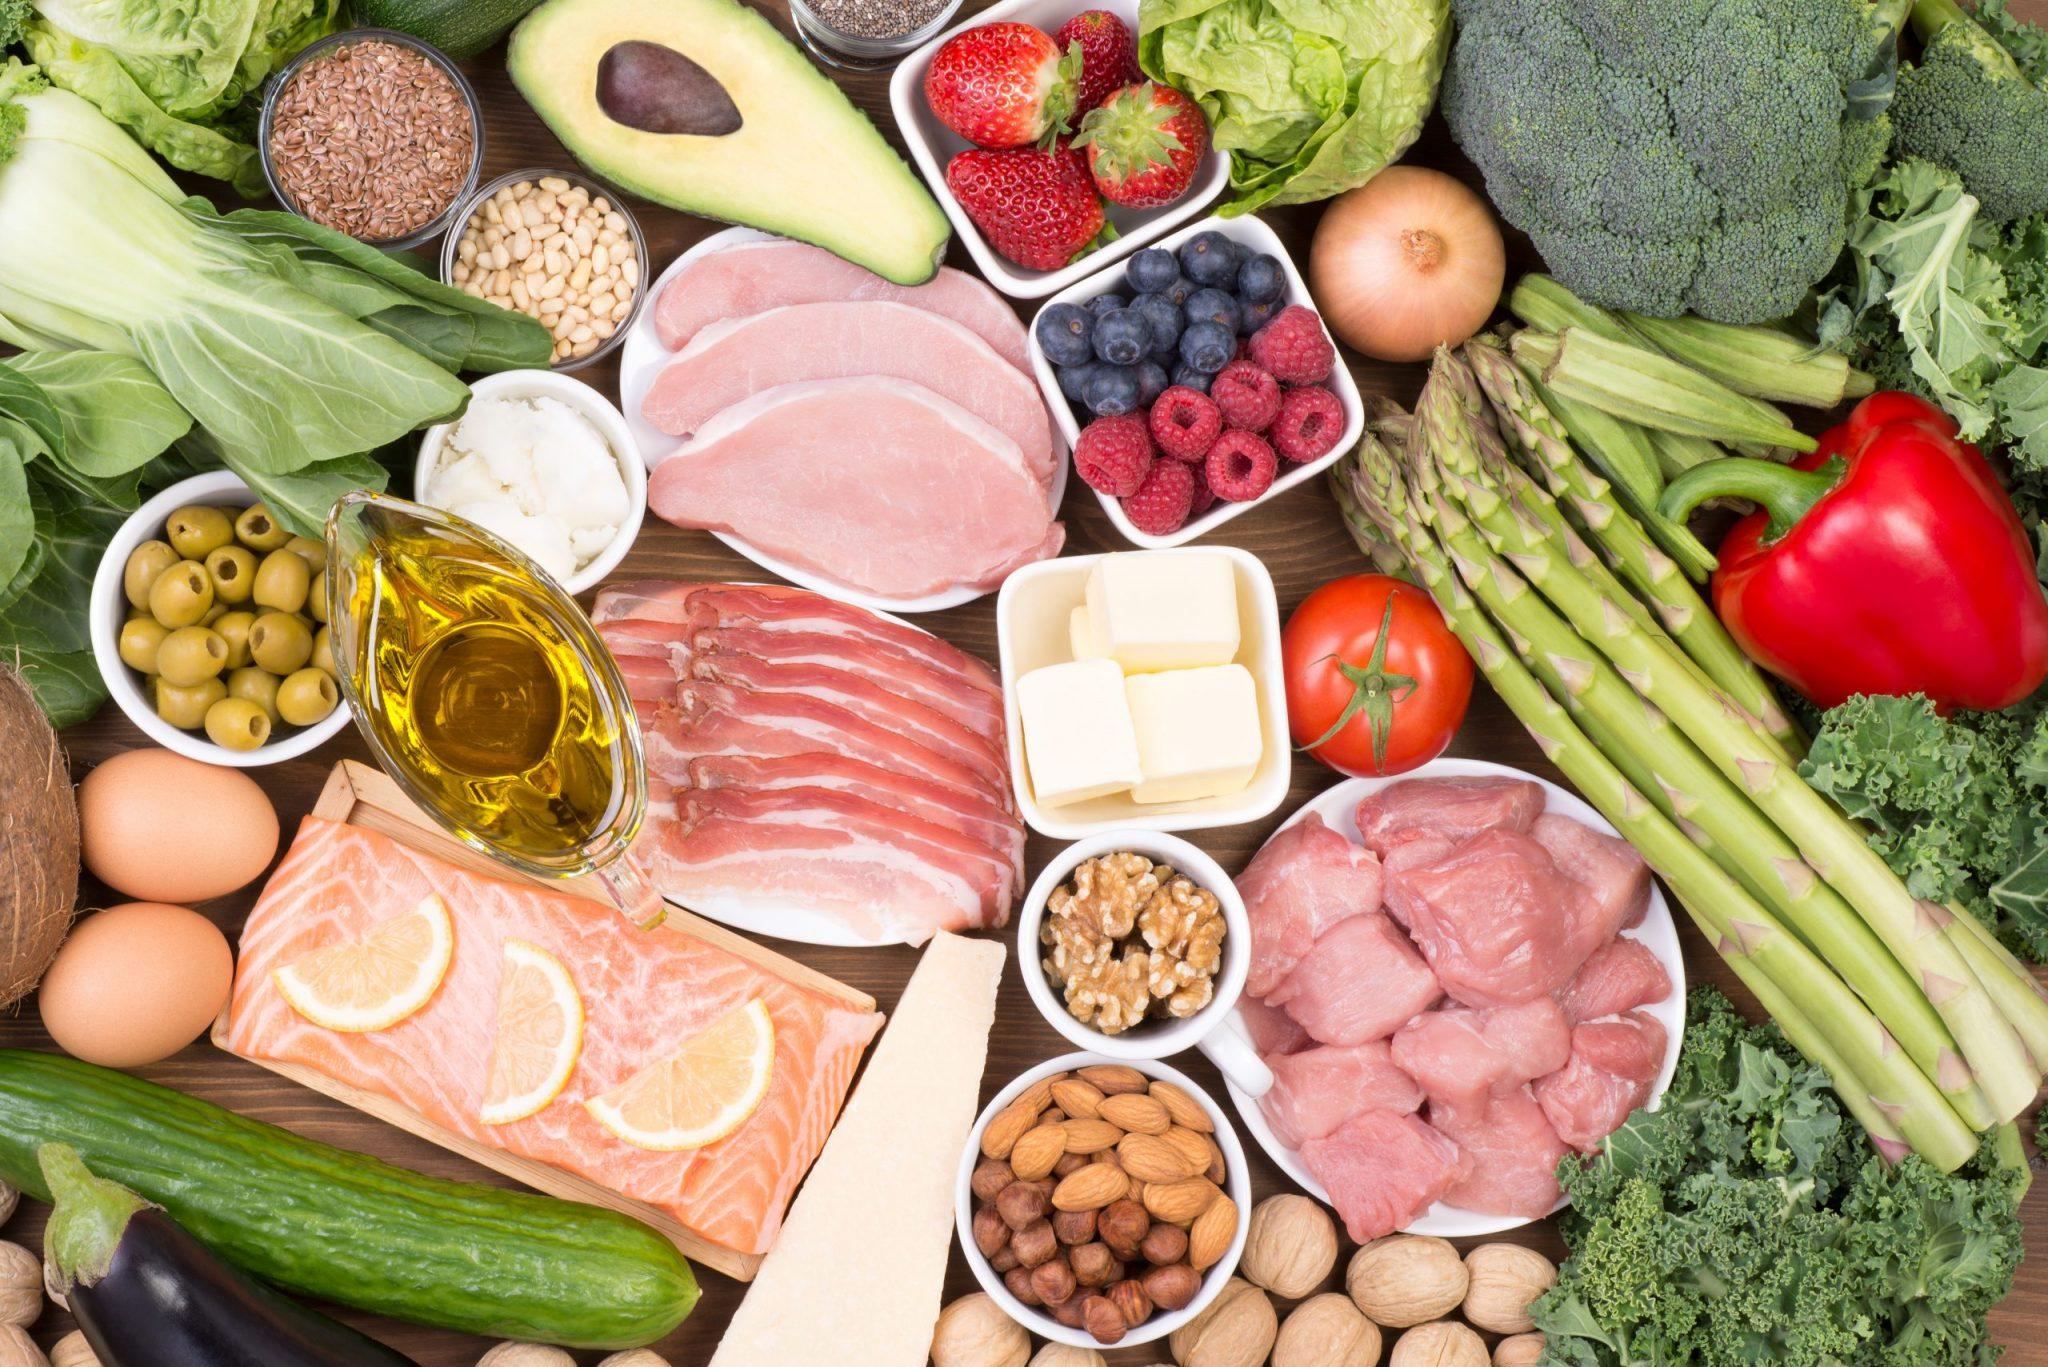 多吃蔬果有助益生菌繁殖